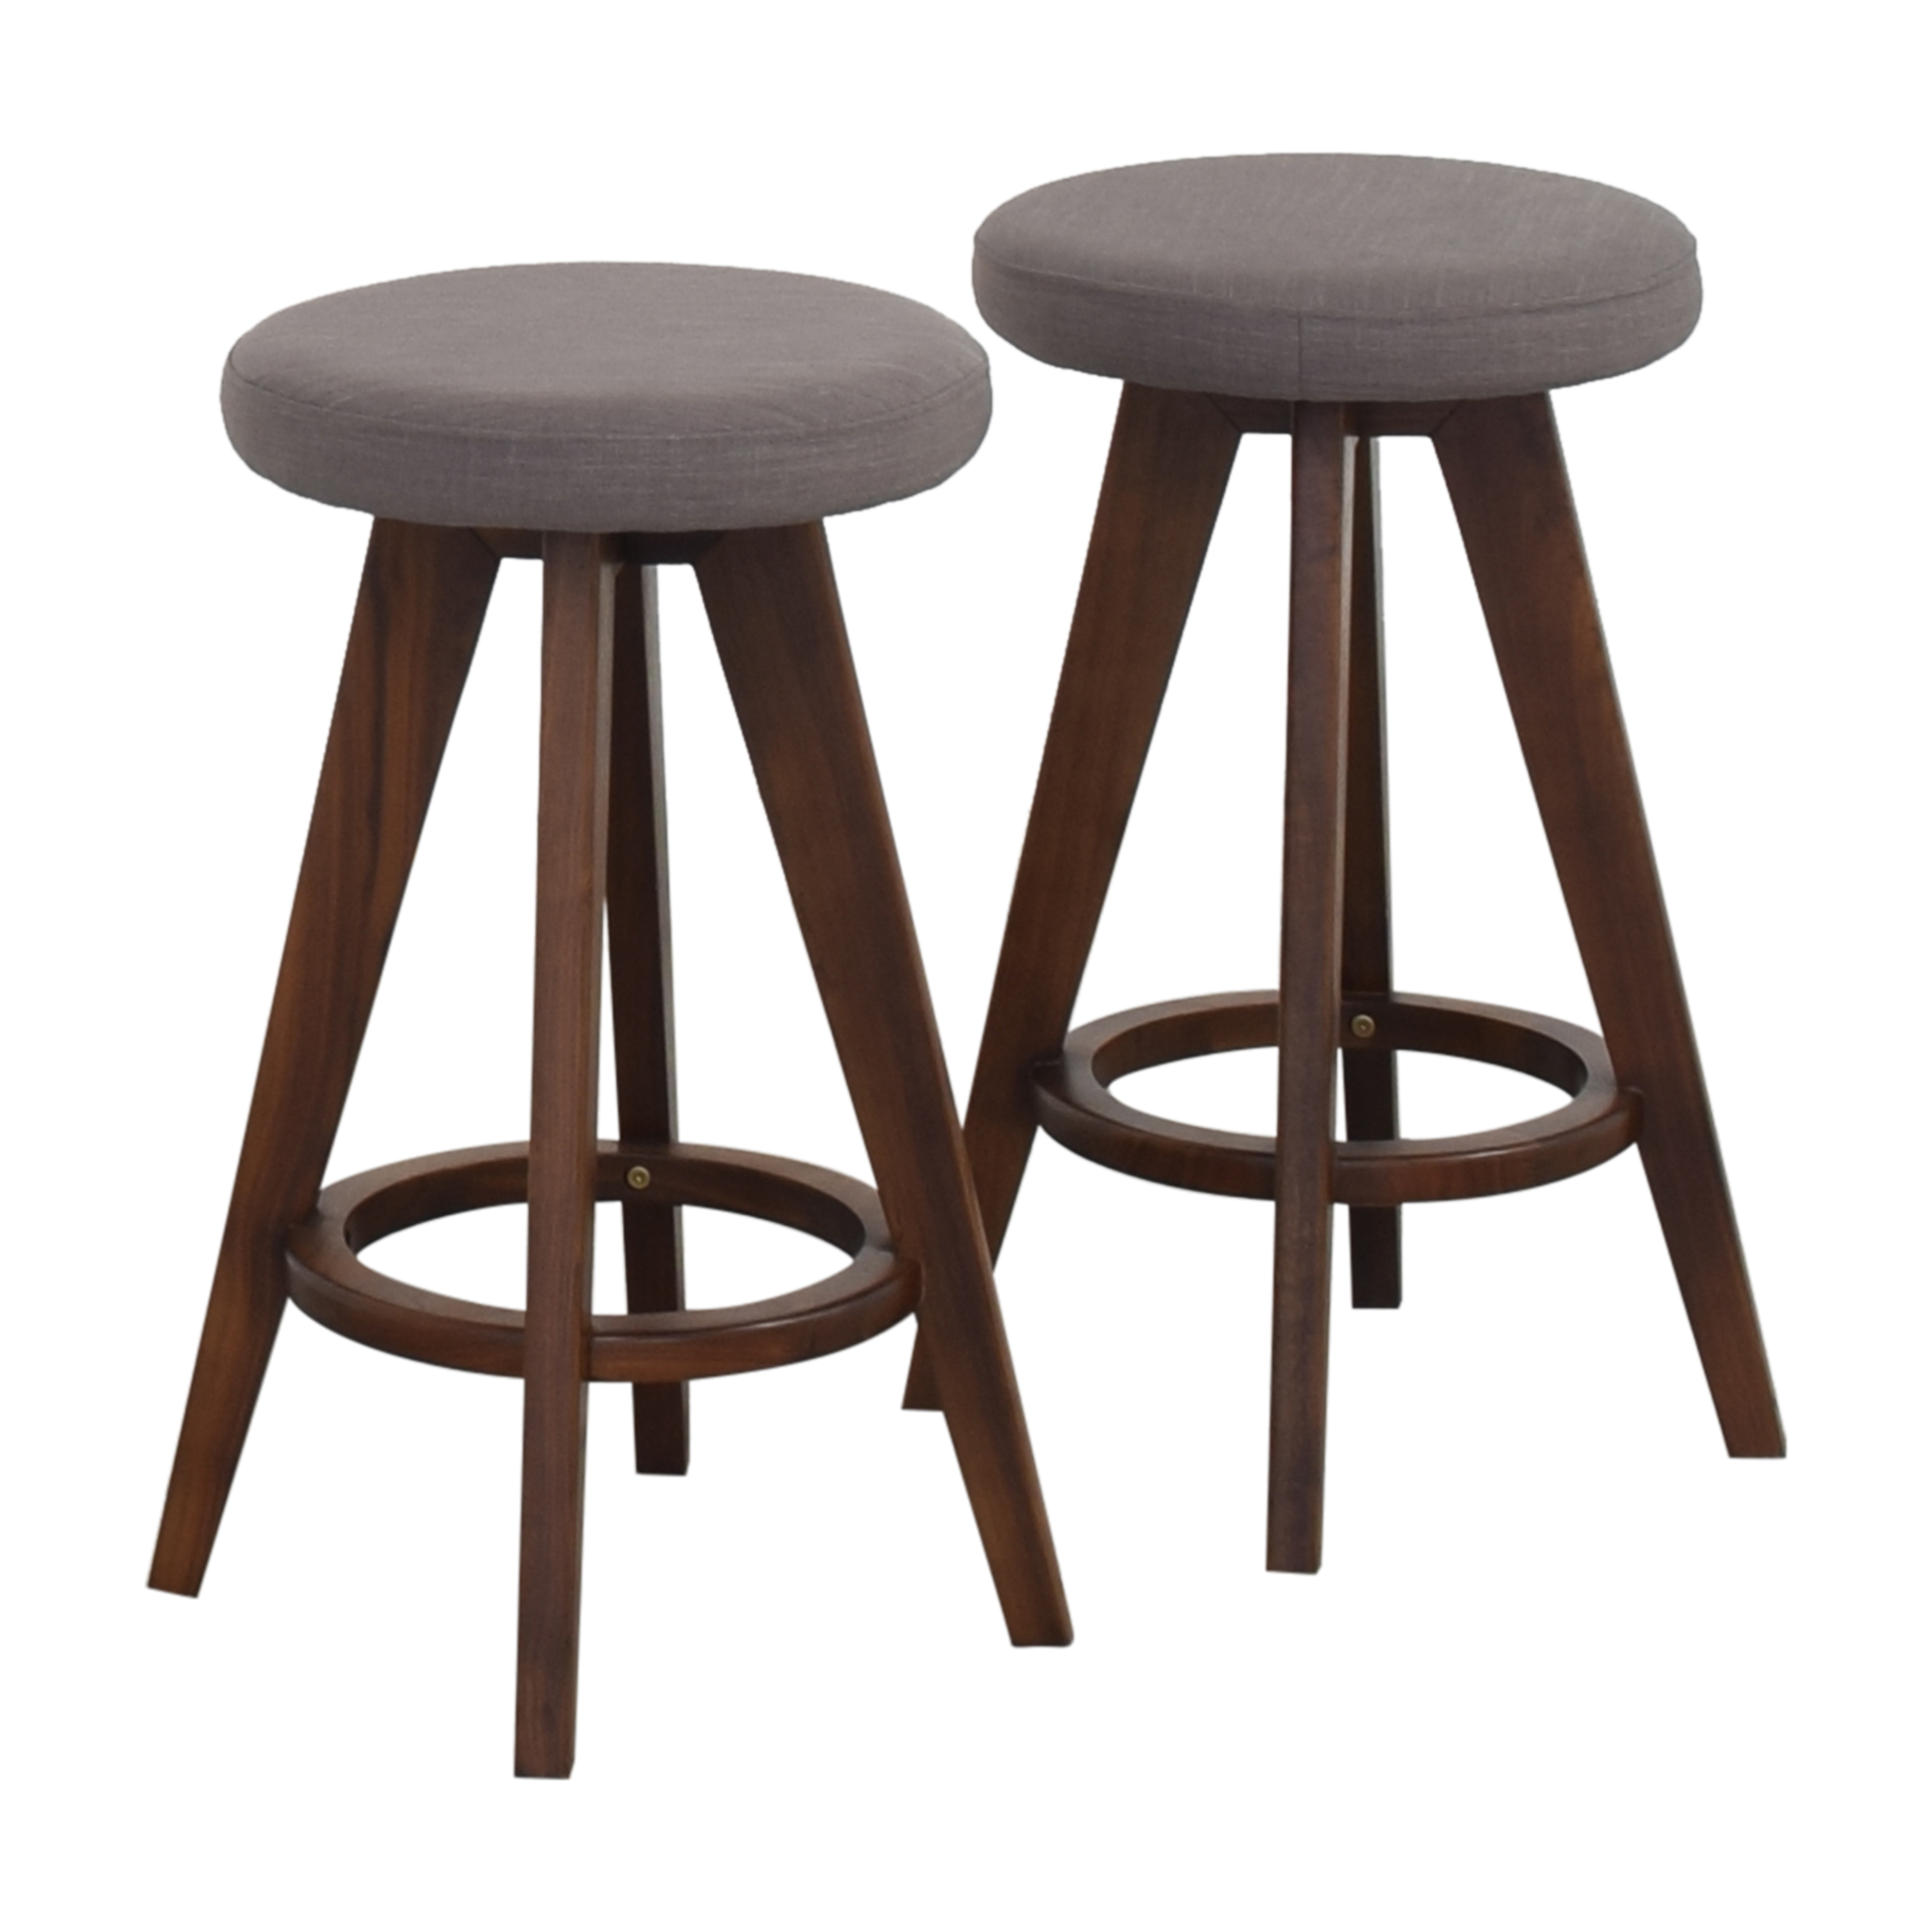 Article Circo Bar Stools / Chairs